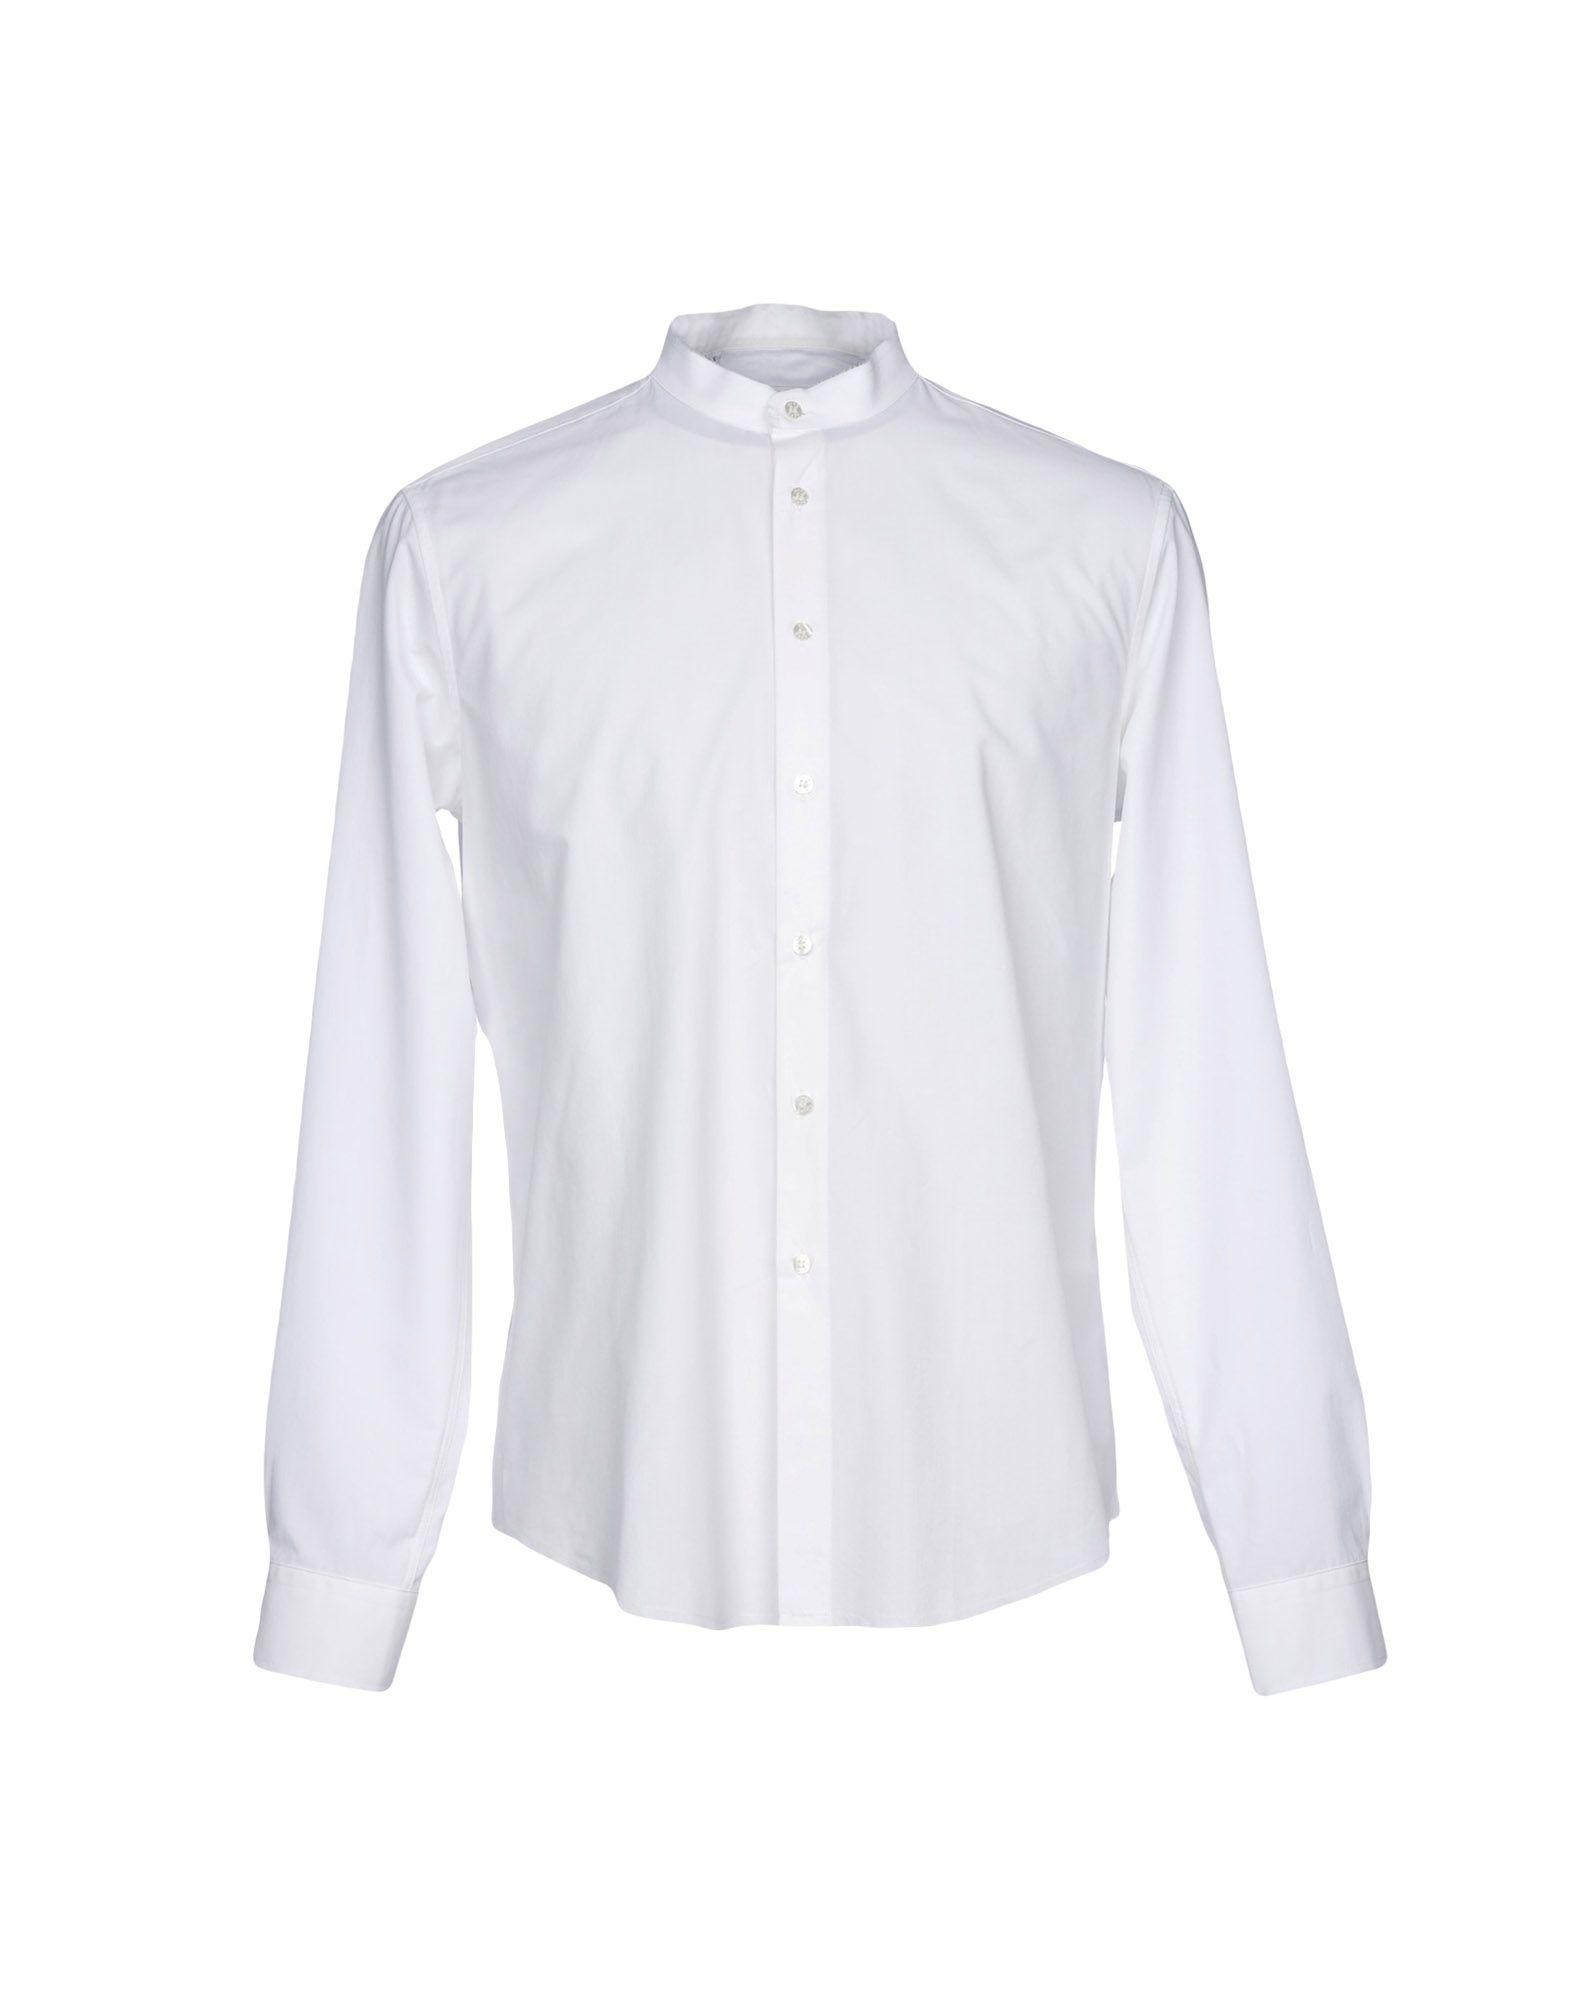 《送料無料》MSGM メンズ シャツ ホワイト 40 コットン 100%